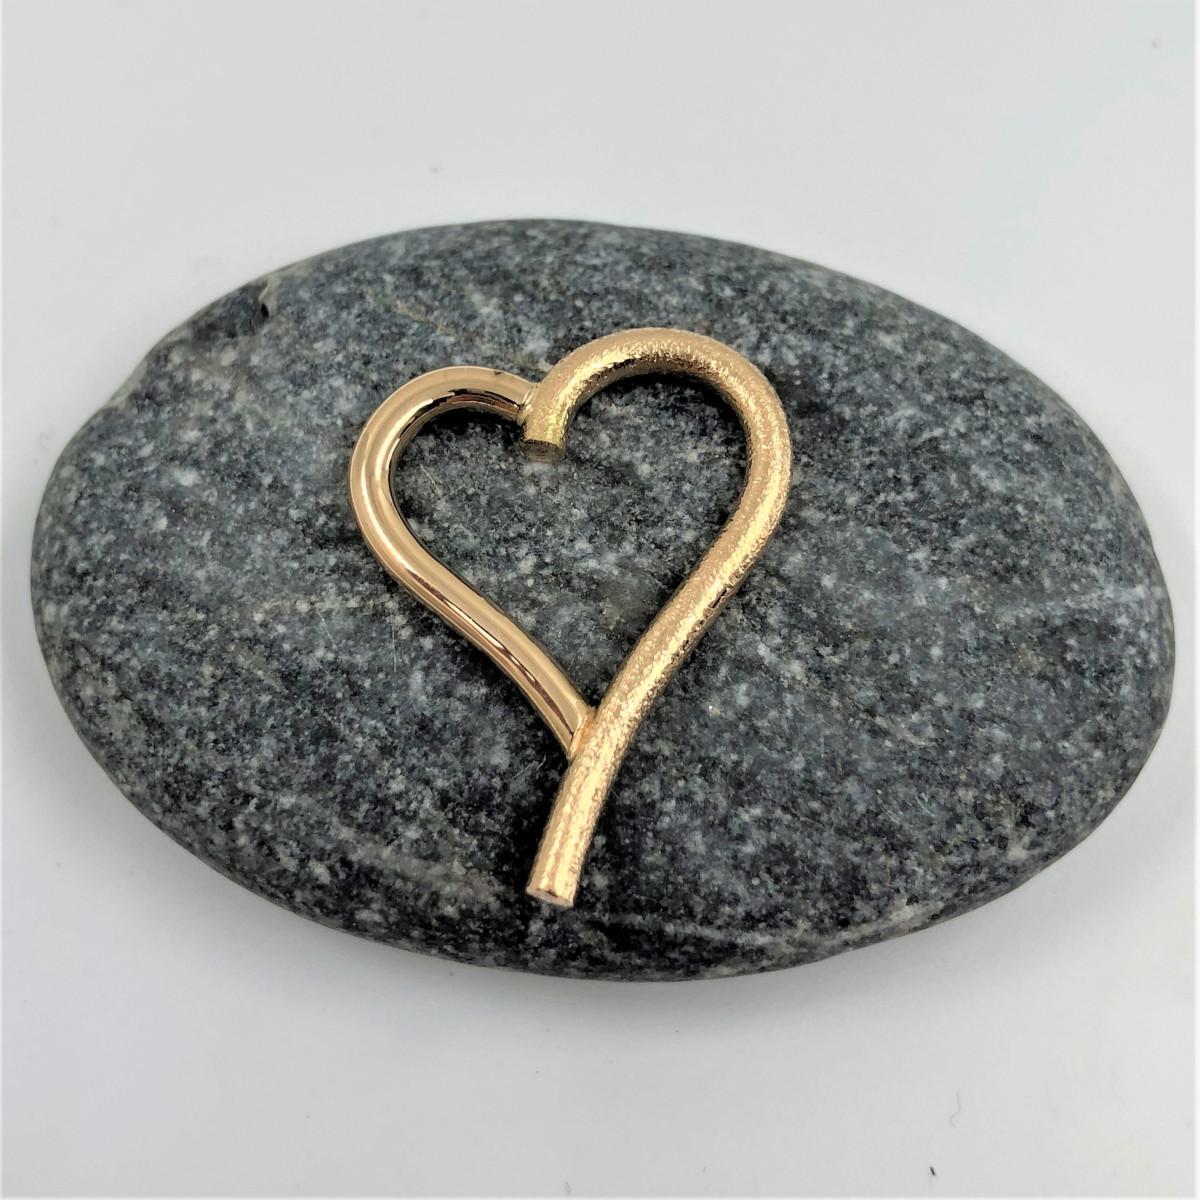 Hängsmycke i form av hjärta av kundens eget guld